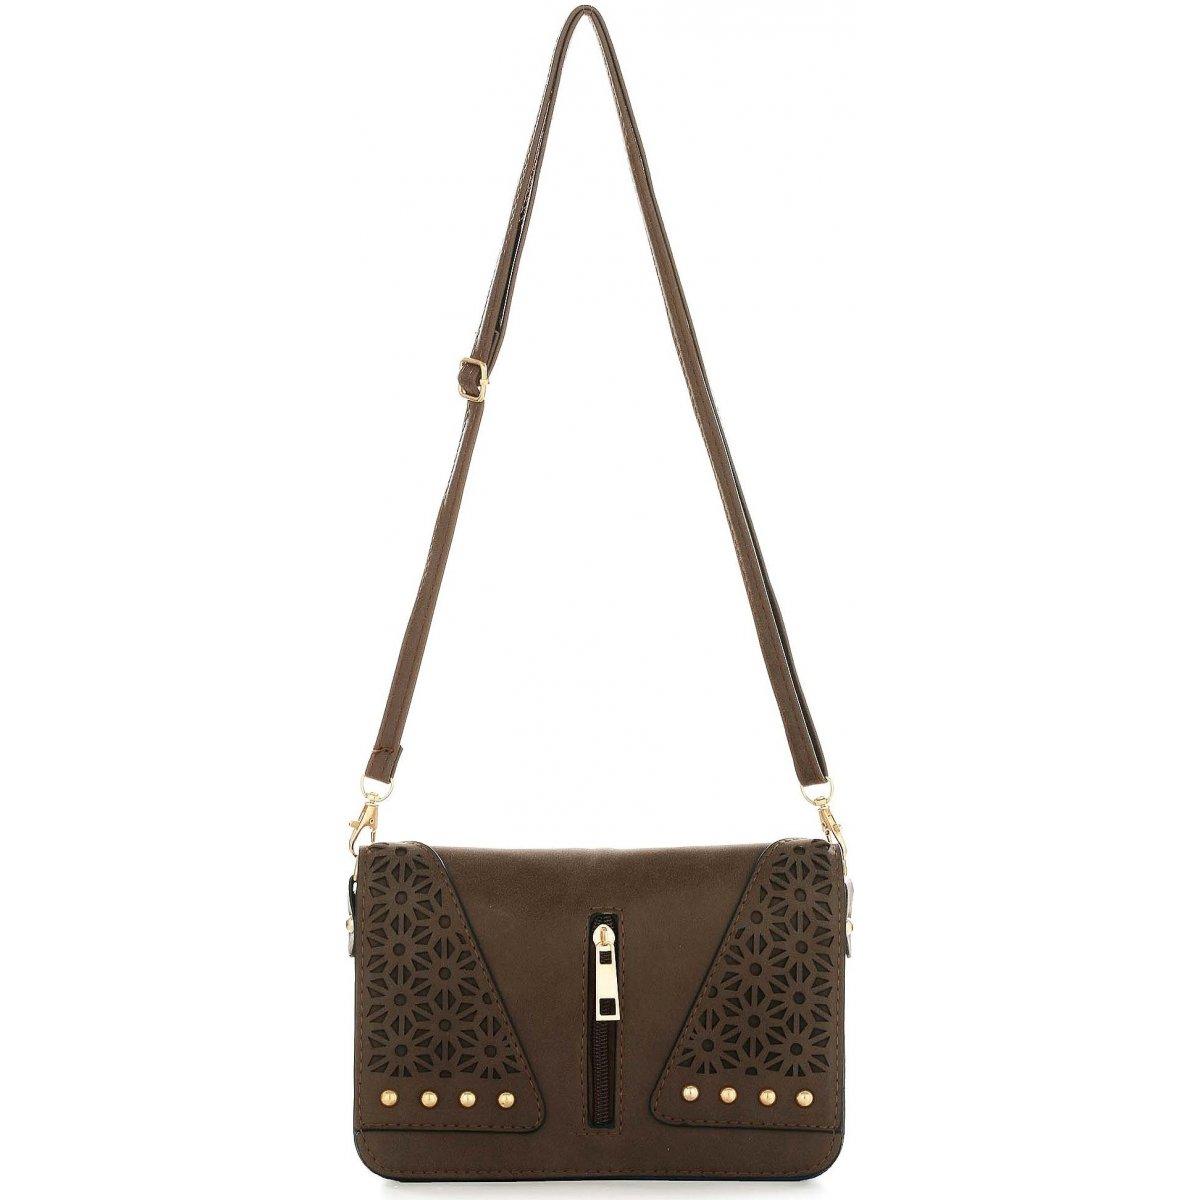 sac pochette bandouli re les sacs de k 39 rlot fkg0019 couleur marron fonce. Black Bedroom Furniture Sets. Home Design Ideas